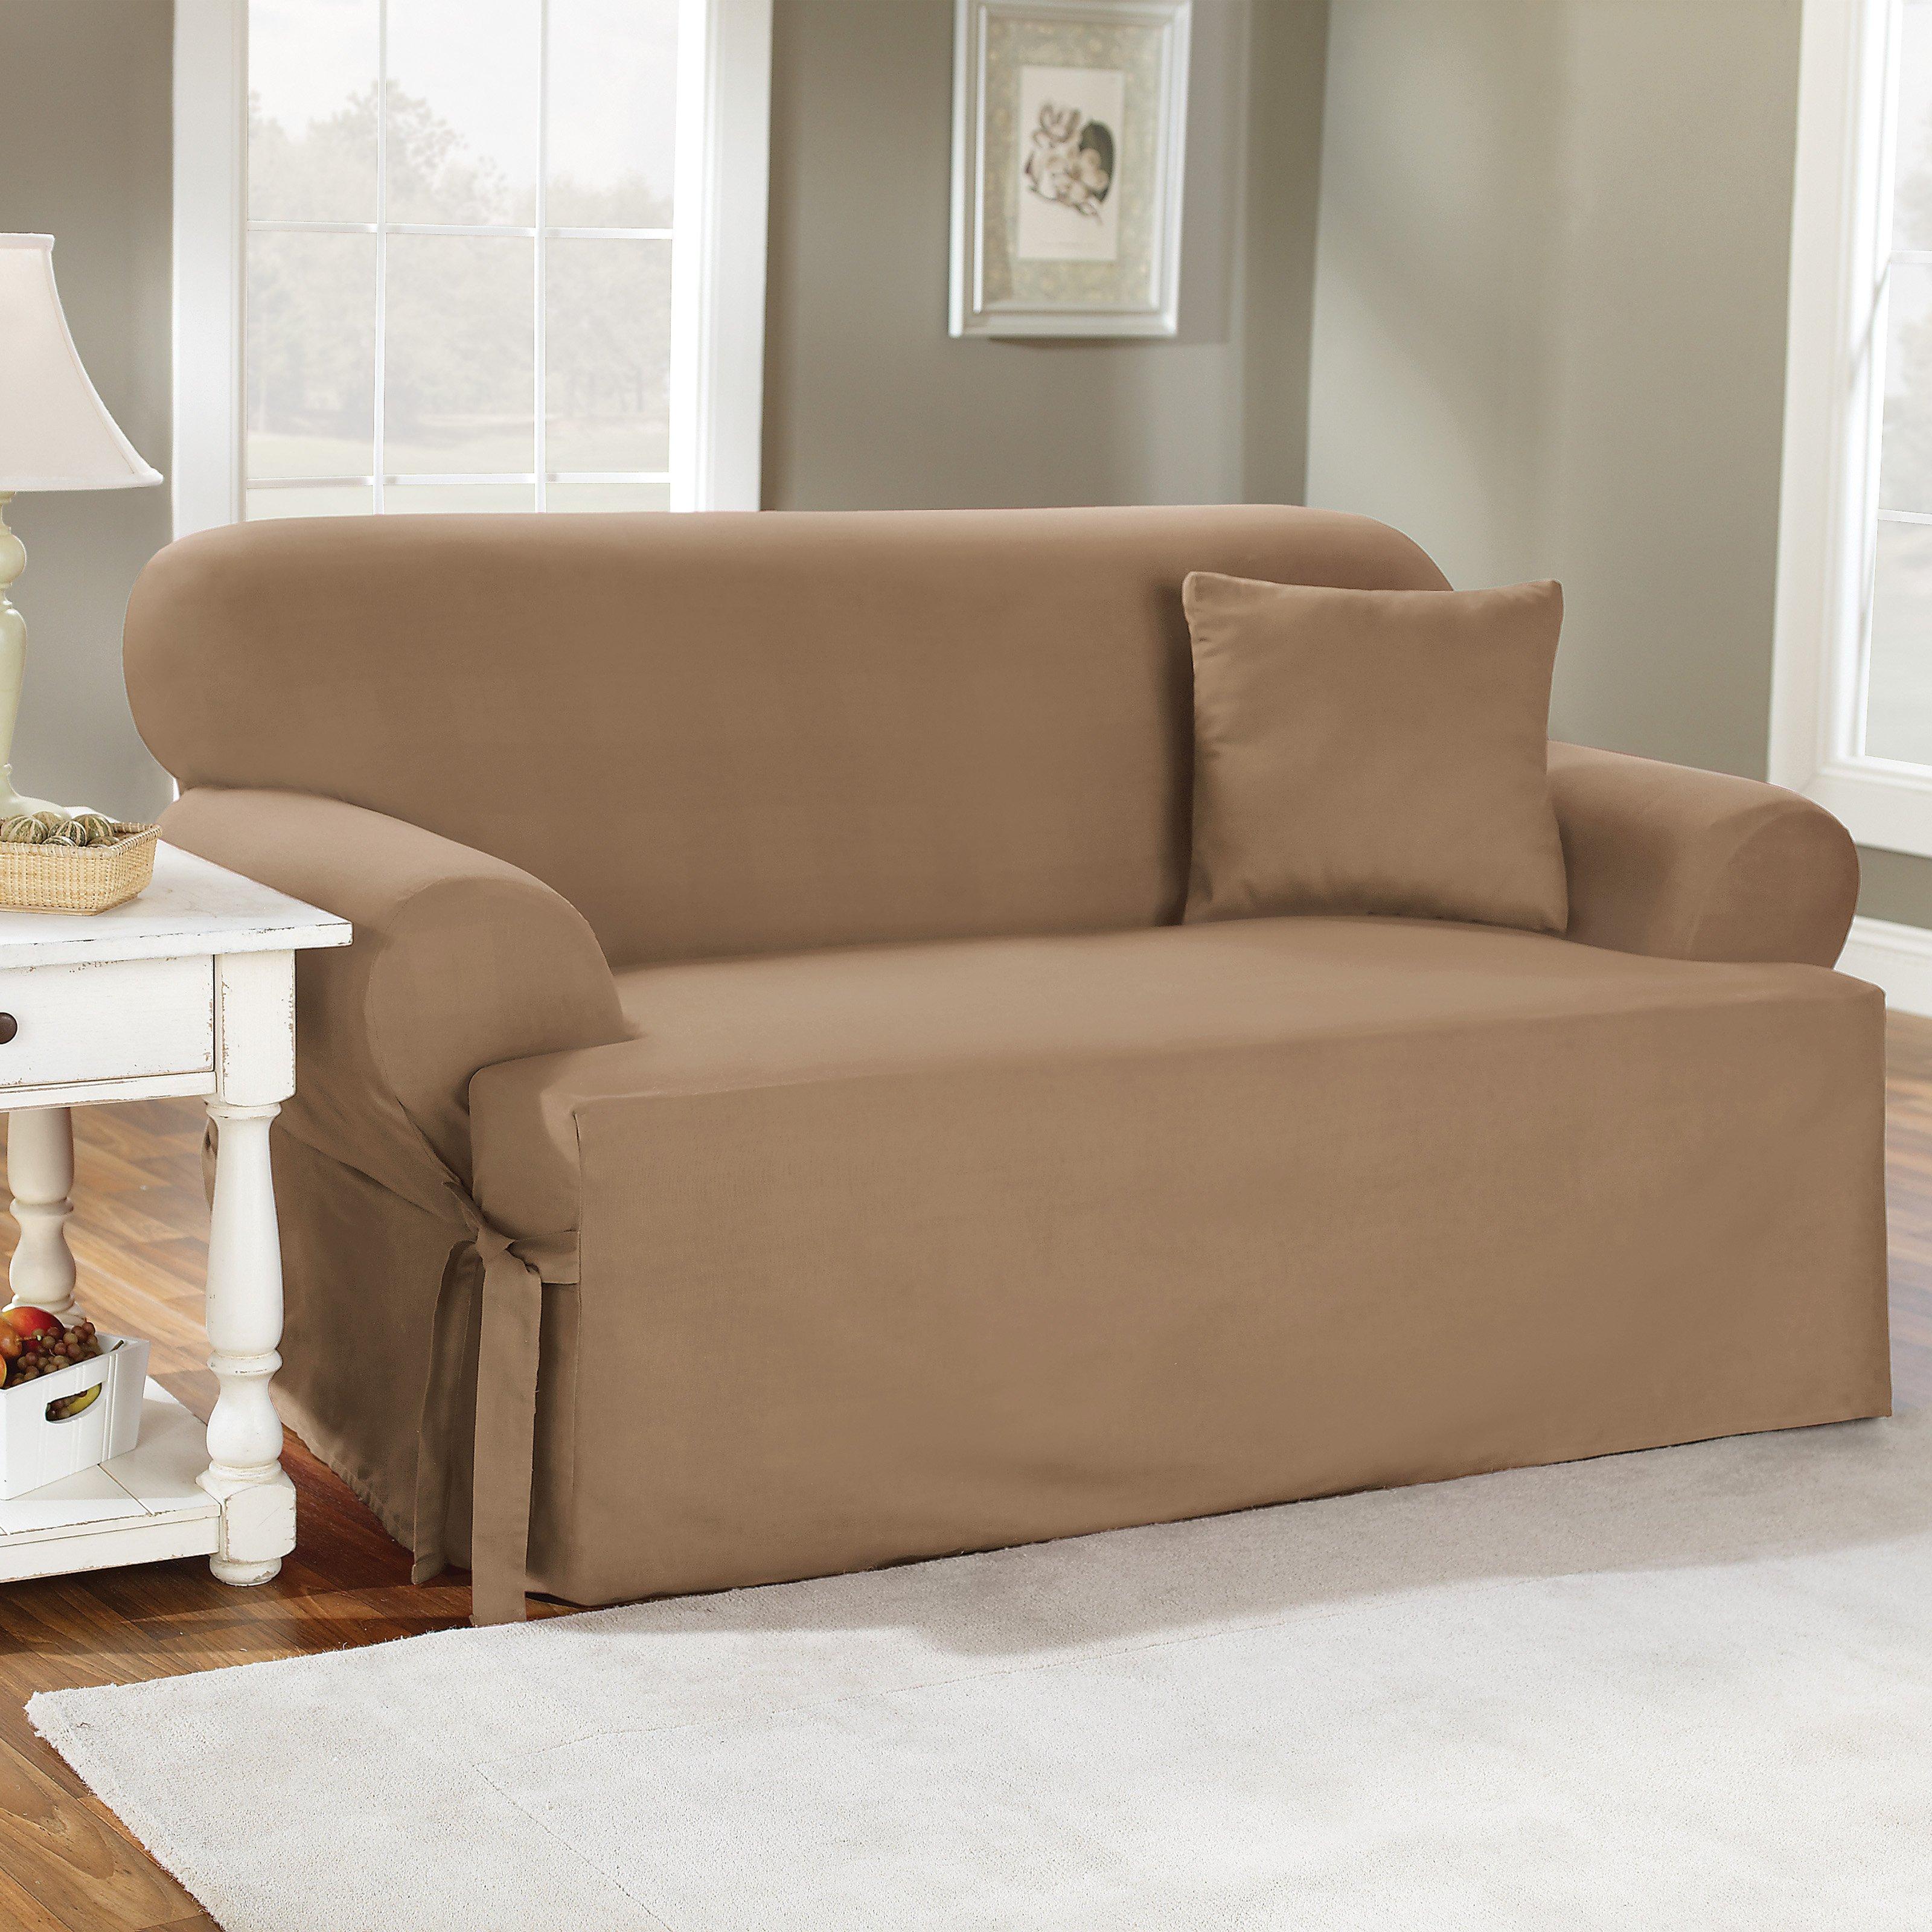 oversized chair cover master:srft